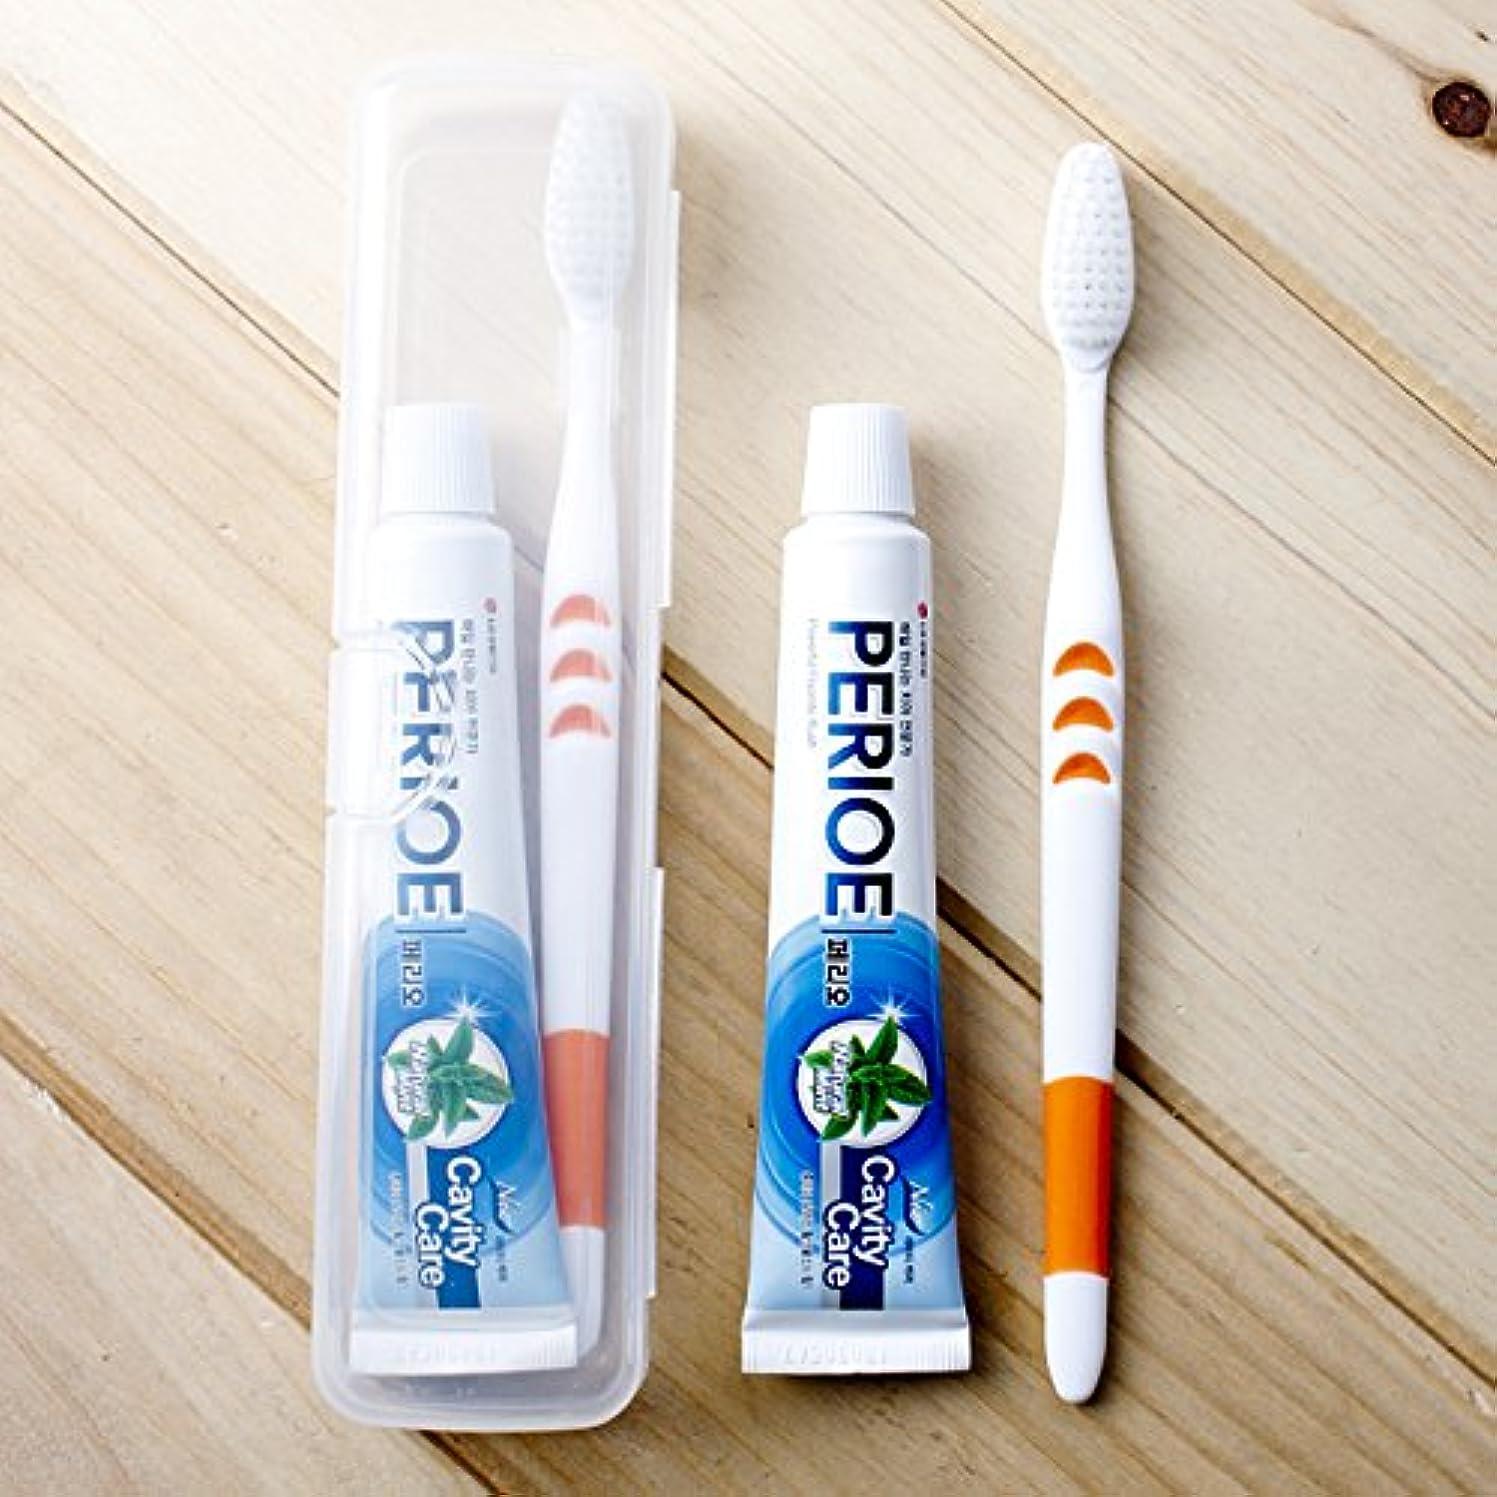 ナース著作権最後にVBMDoM 旅行歯ブラシキットセット x 2個 韓国製品 [並行輸入品]